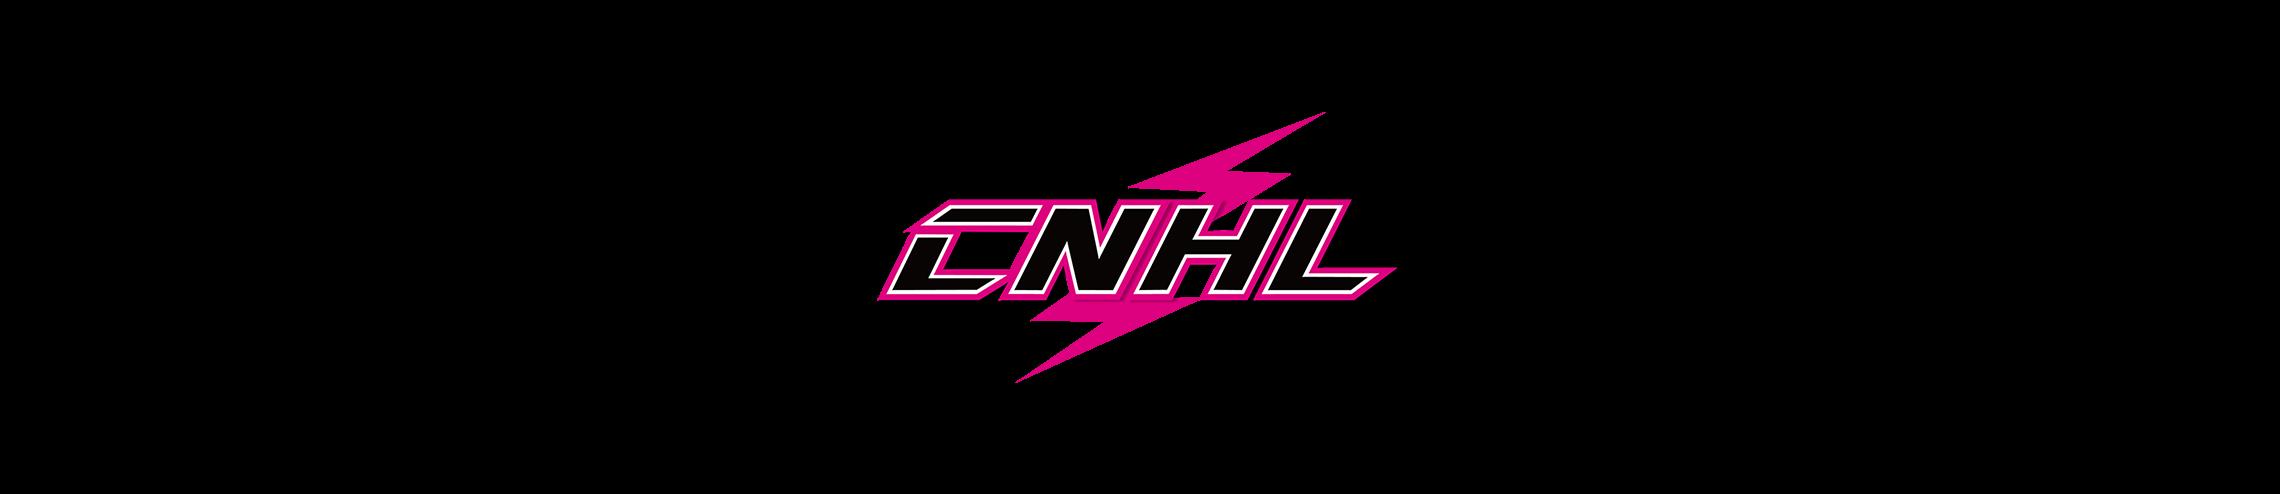 CNHL fpv banner promotion shop description mantisfpv